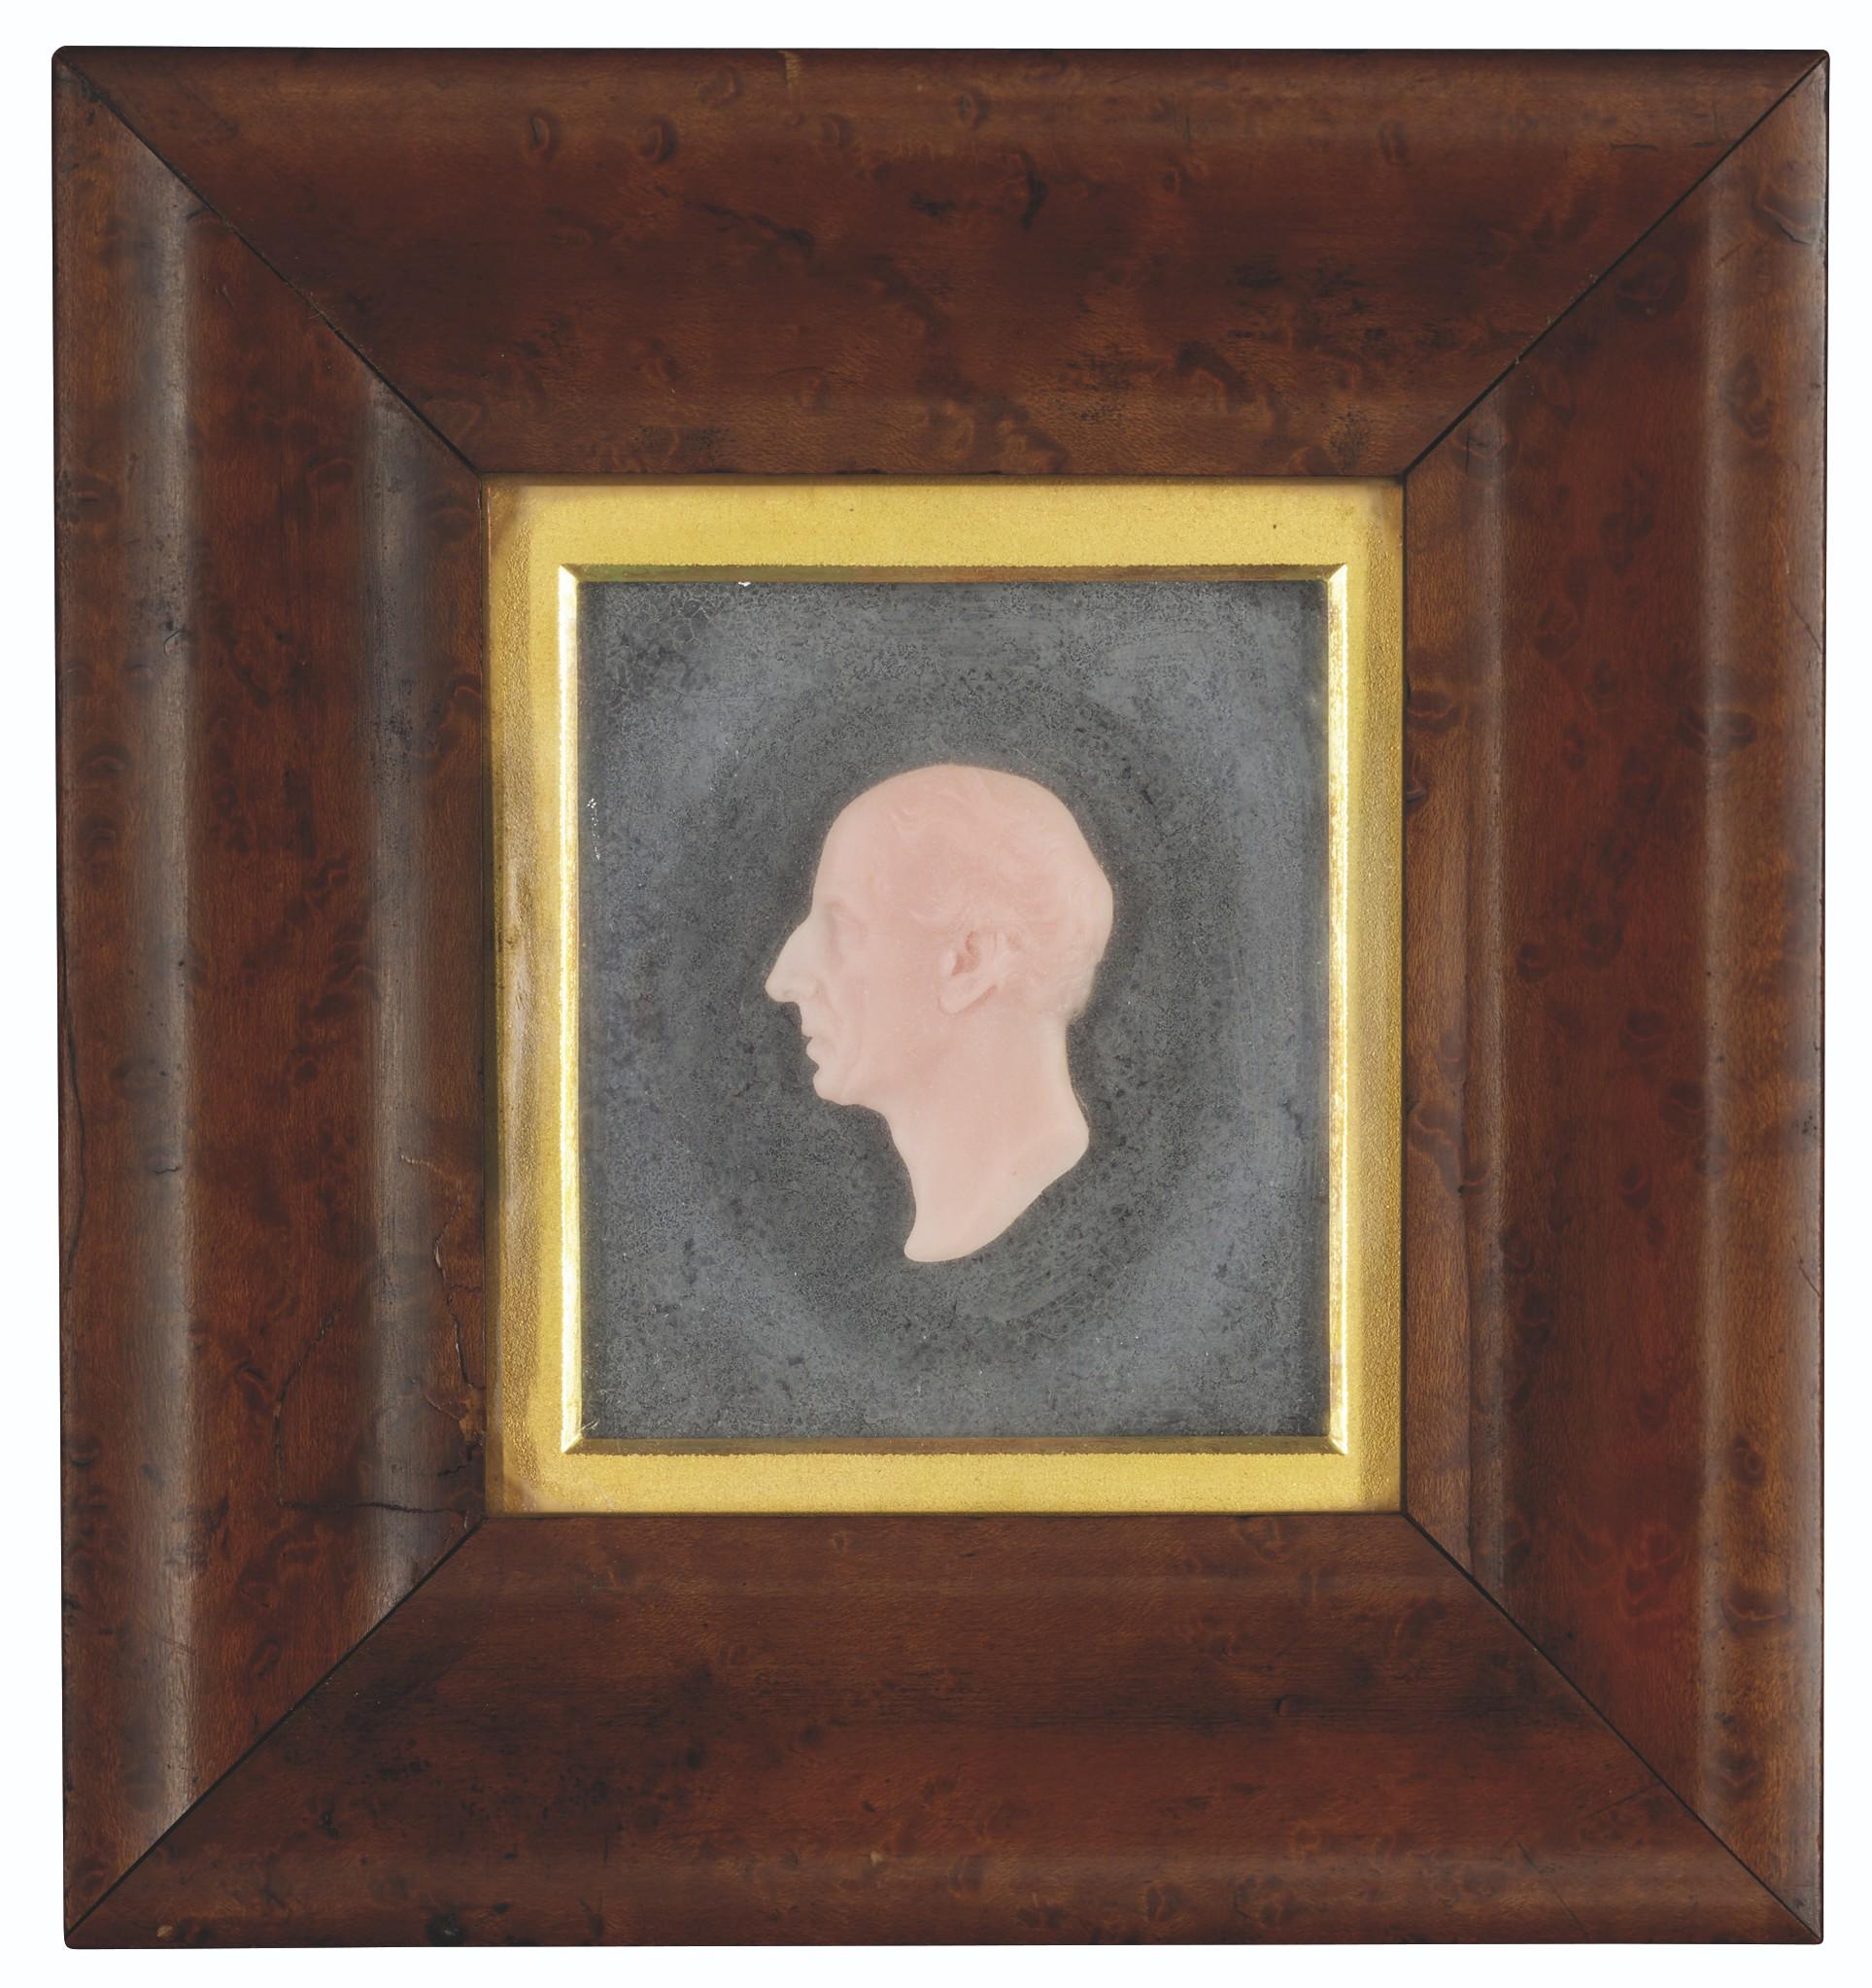 WYON, Edward William (1811-1885)